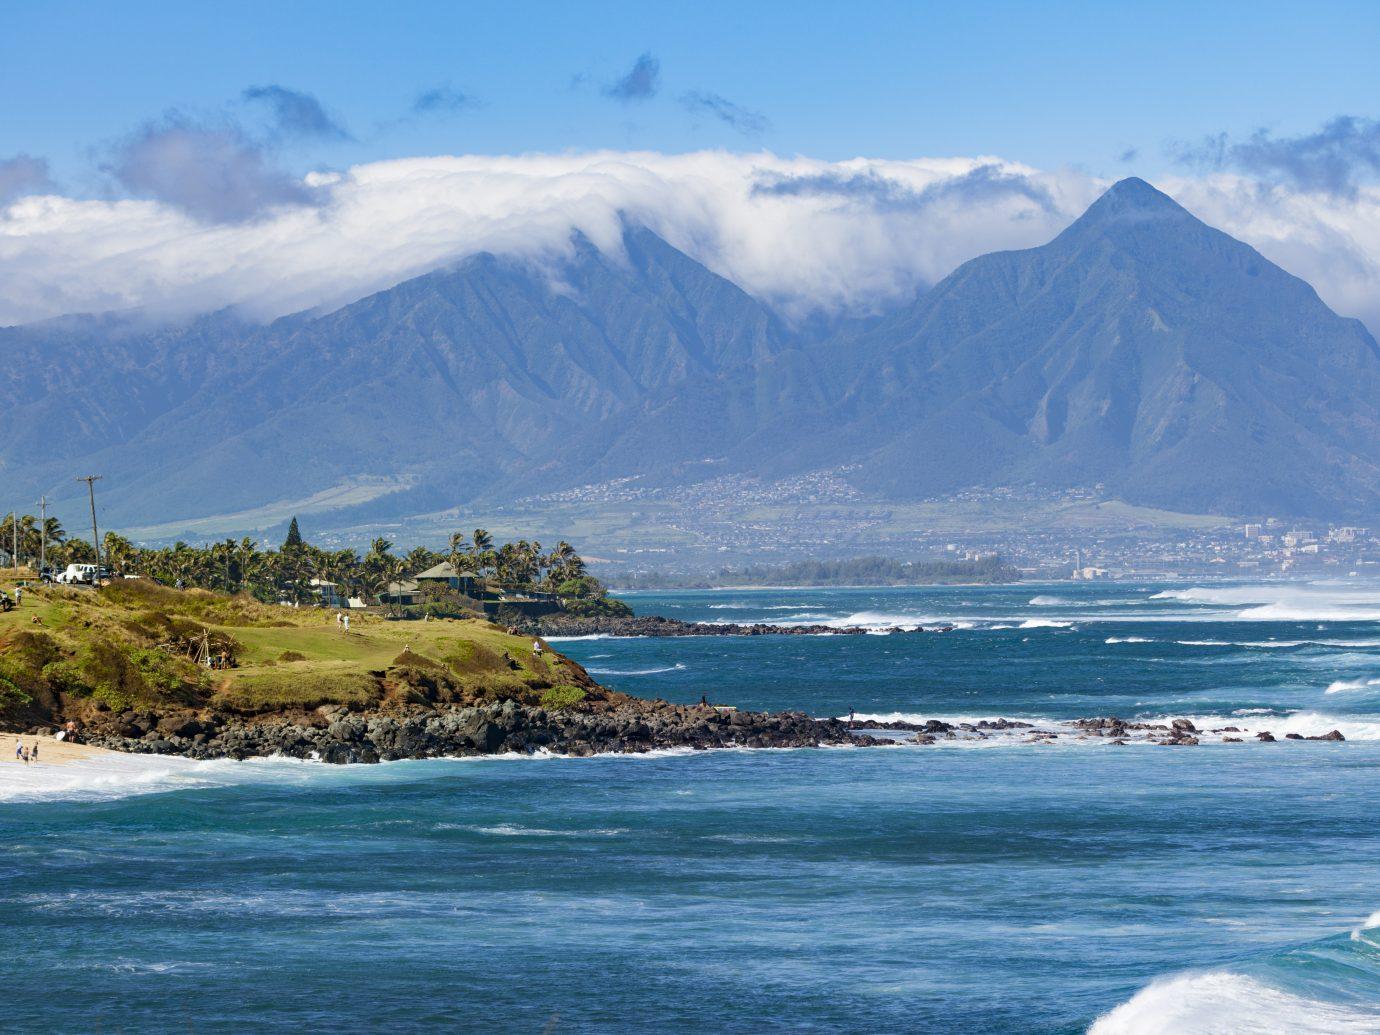 hookipa bay, beach on maui island, hawaii islands.